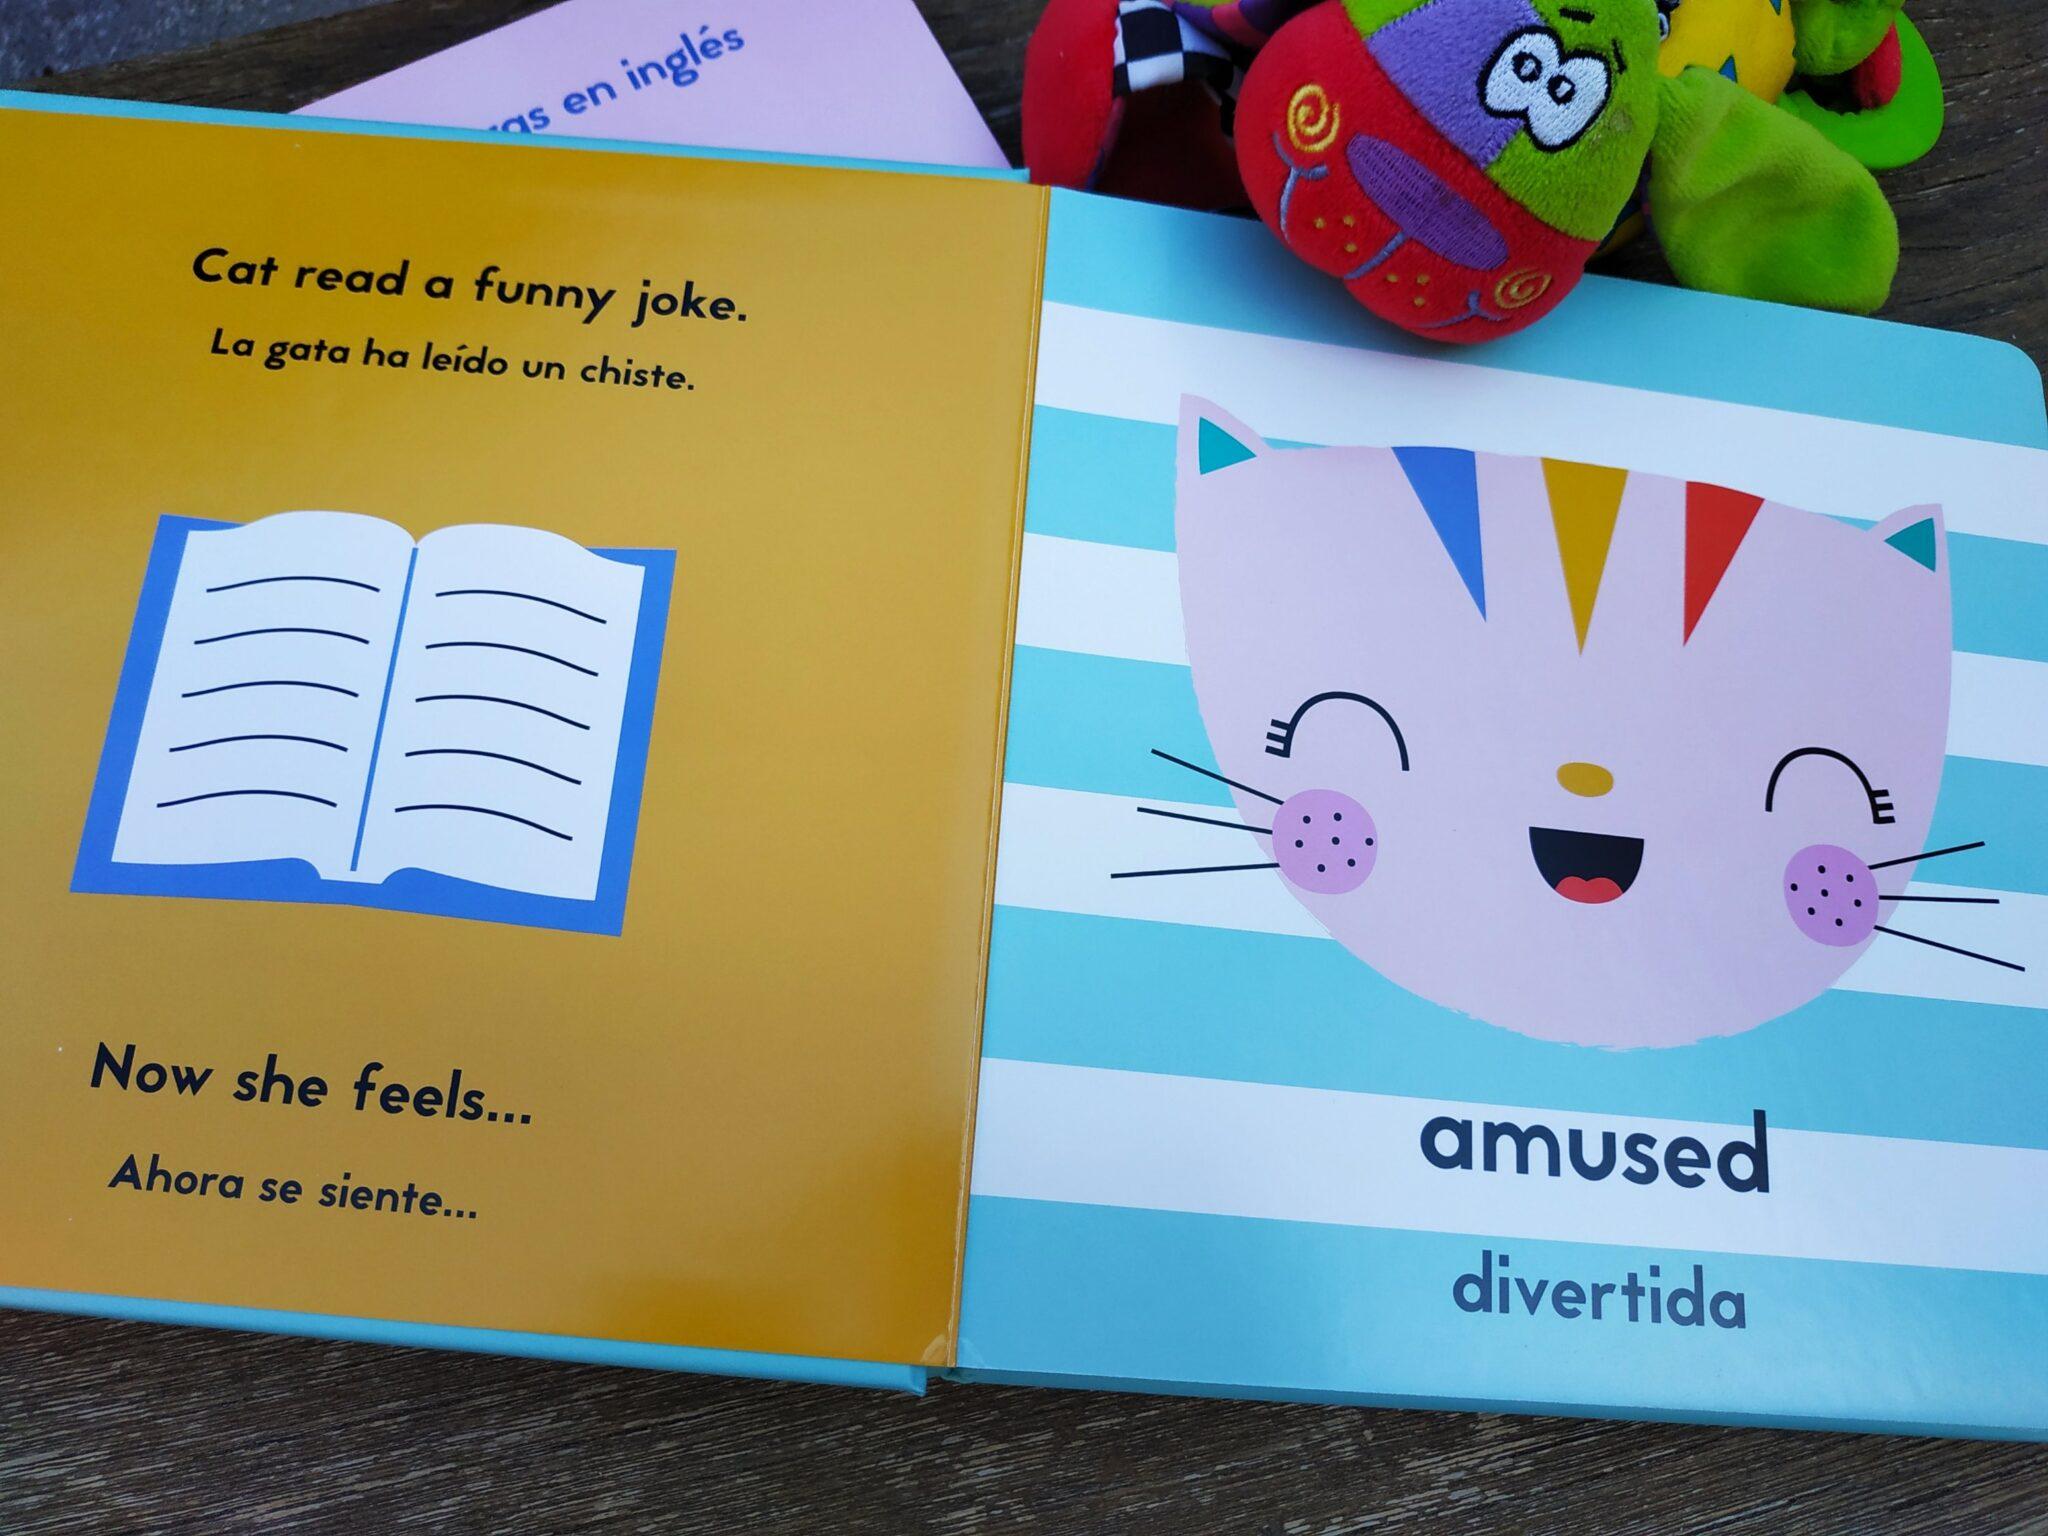 img 20191001 1233022766563710730202635 - Letras y emociones en inglés para niños